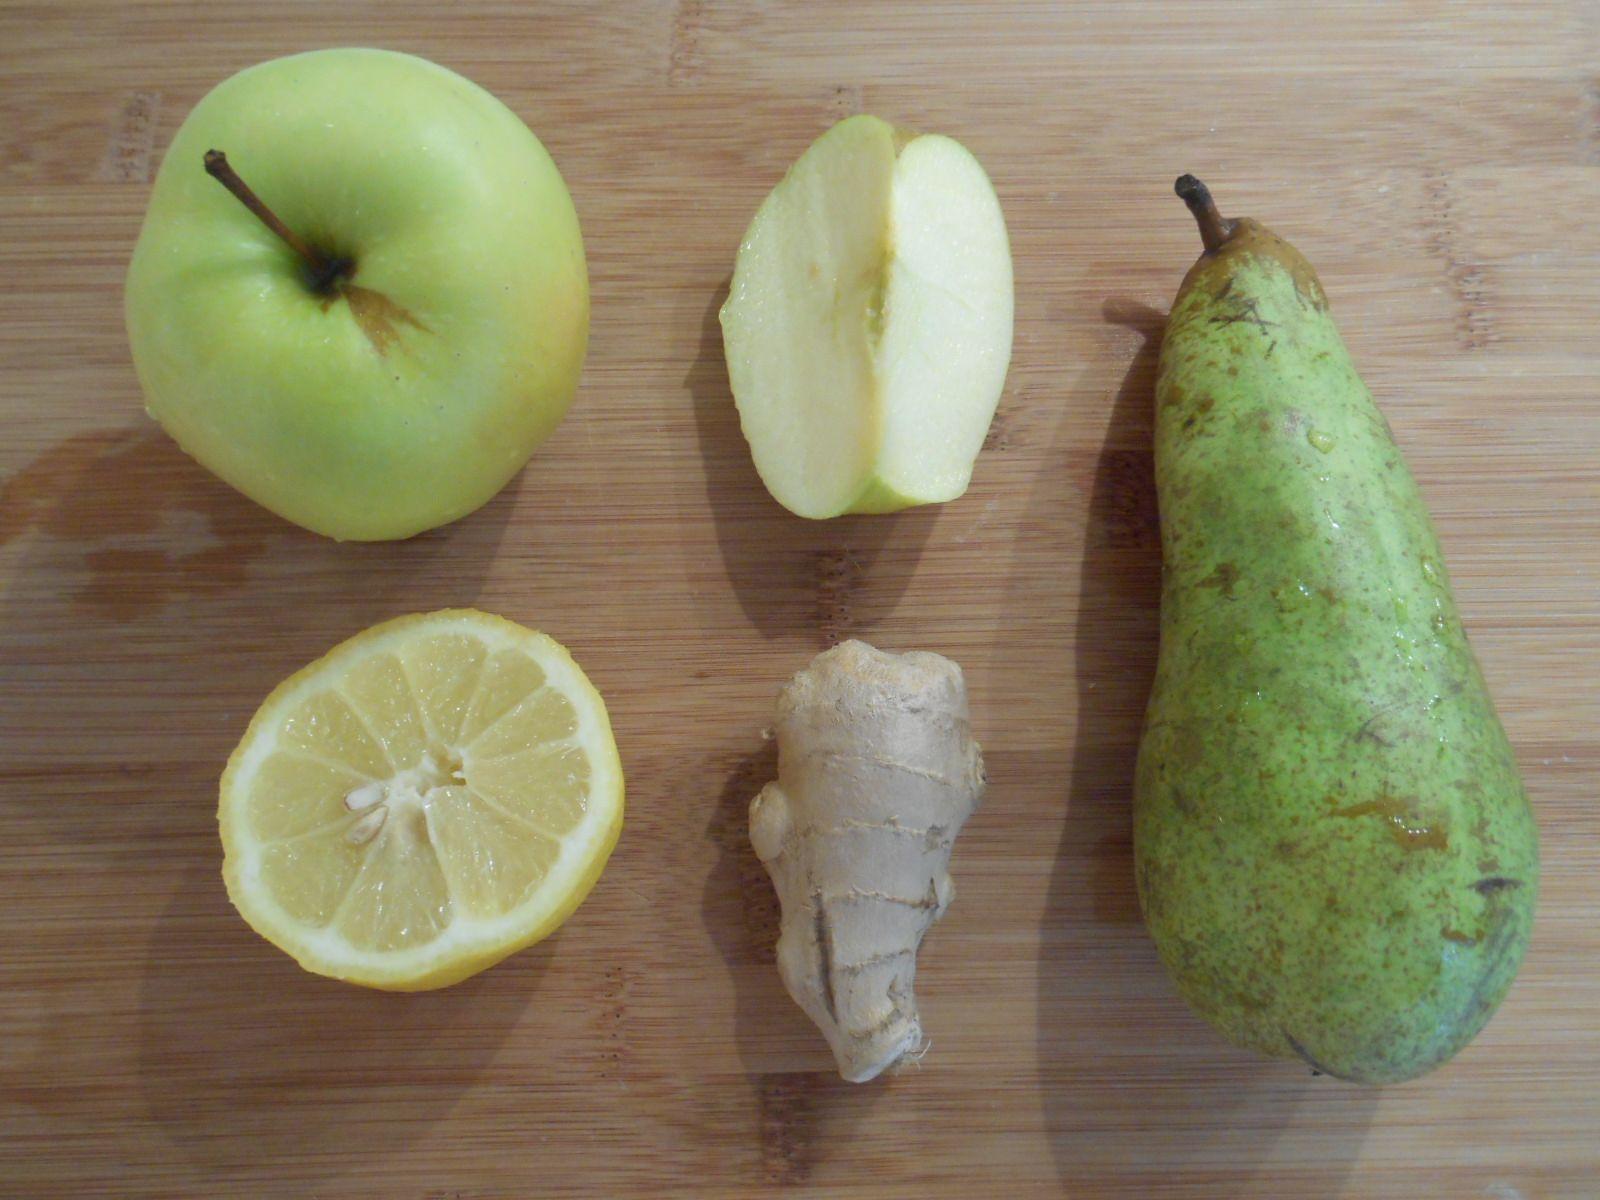 23f4809adca3e4 jus-pomme-poire-citron-gingembre | delice1 en 2019 | Jus de poire ...